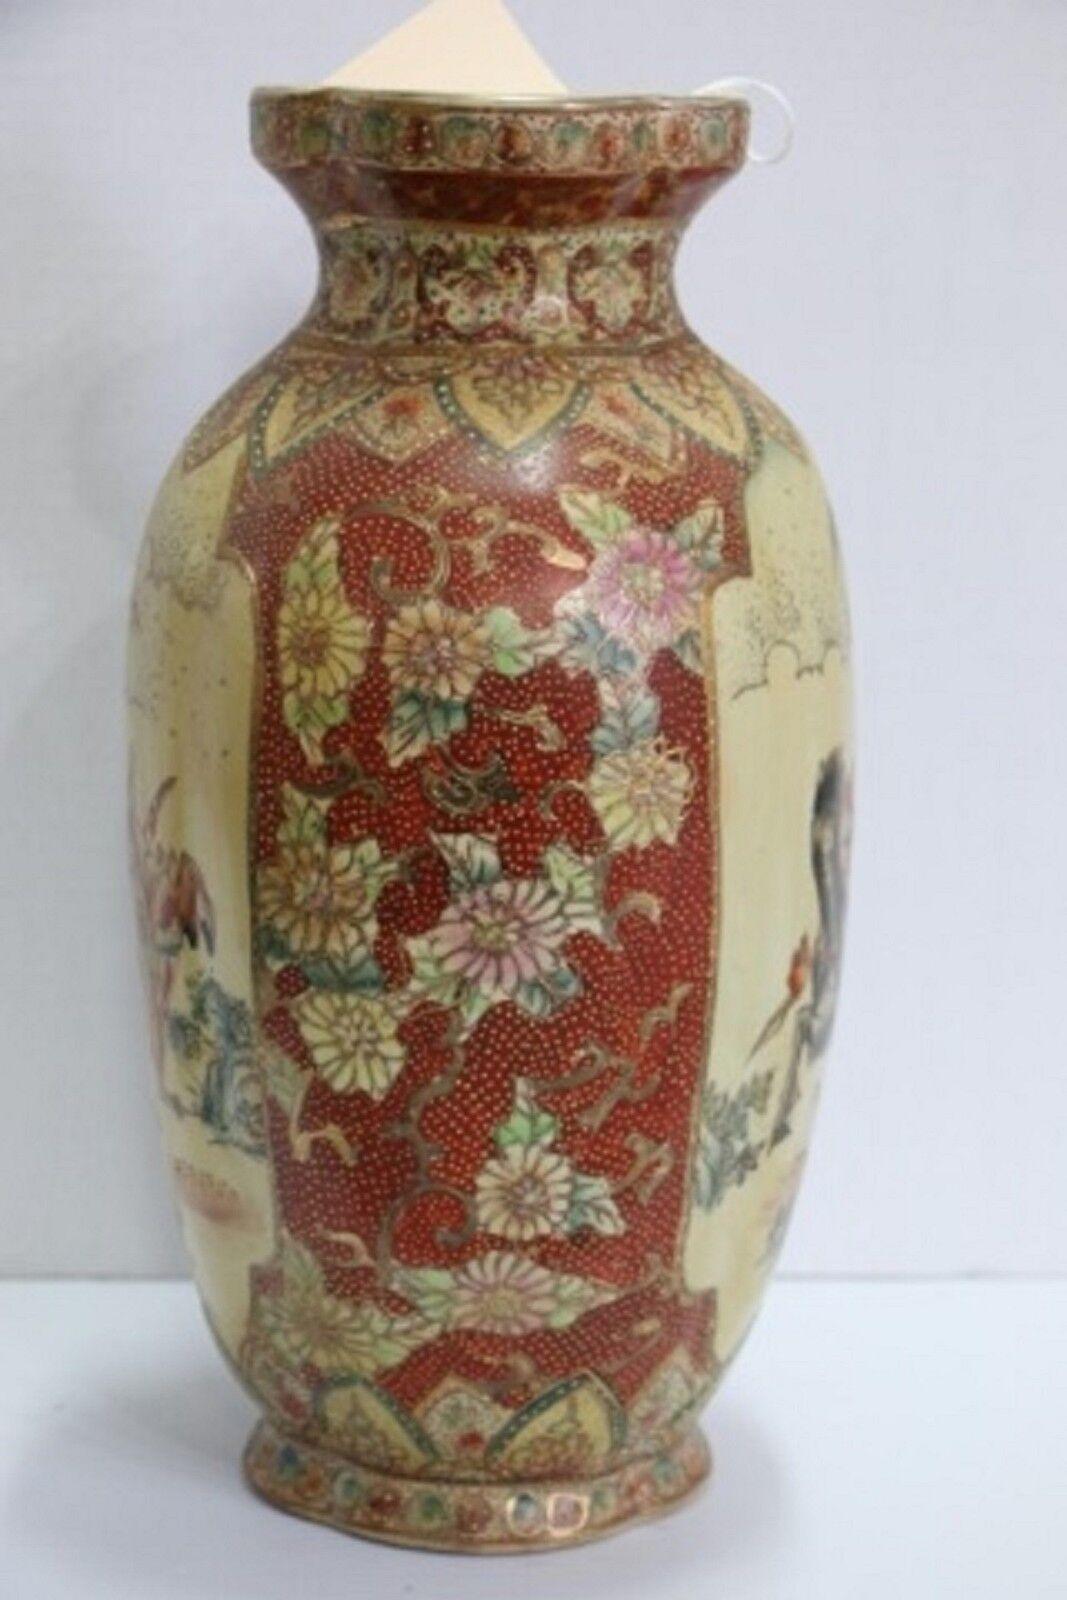 Royal satsuma vase hunting scene signed on the base made in royal satsuma vase hunting scene signed on the base made in china 14 tall reviewsmspy